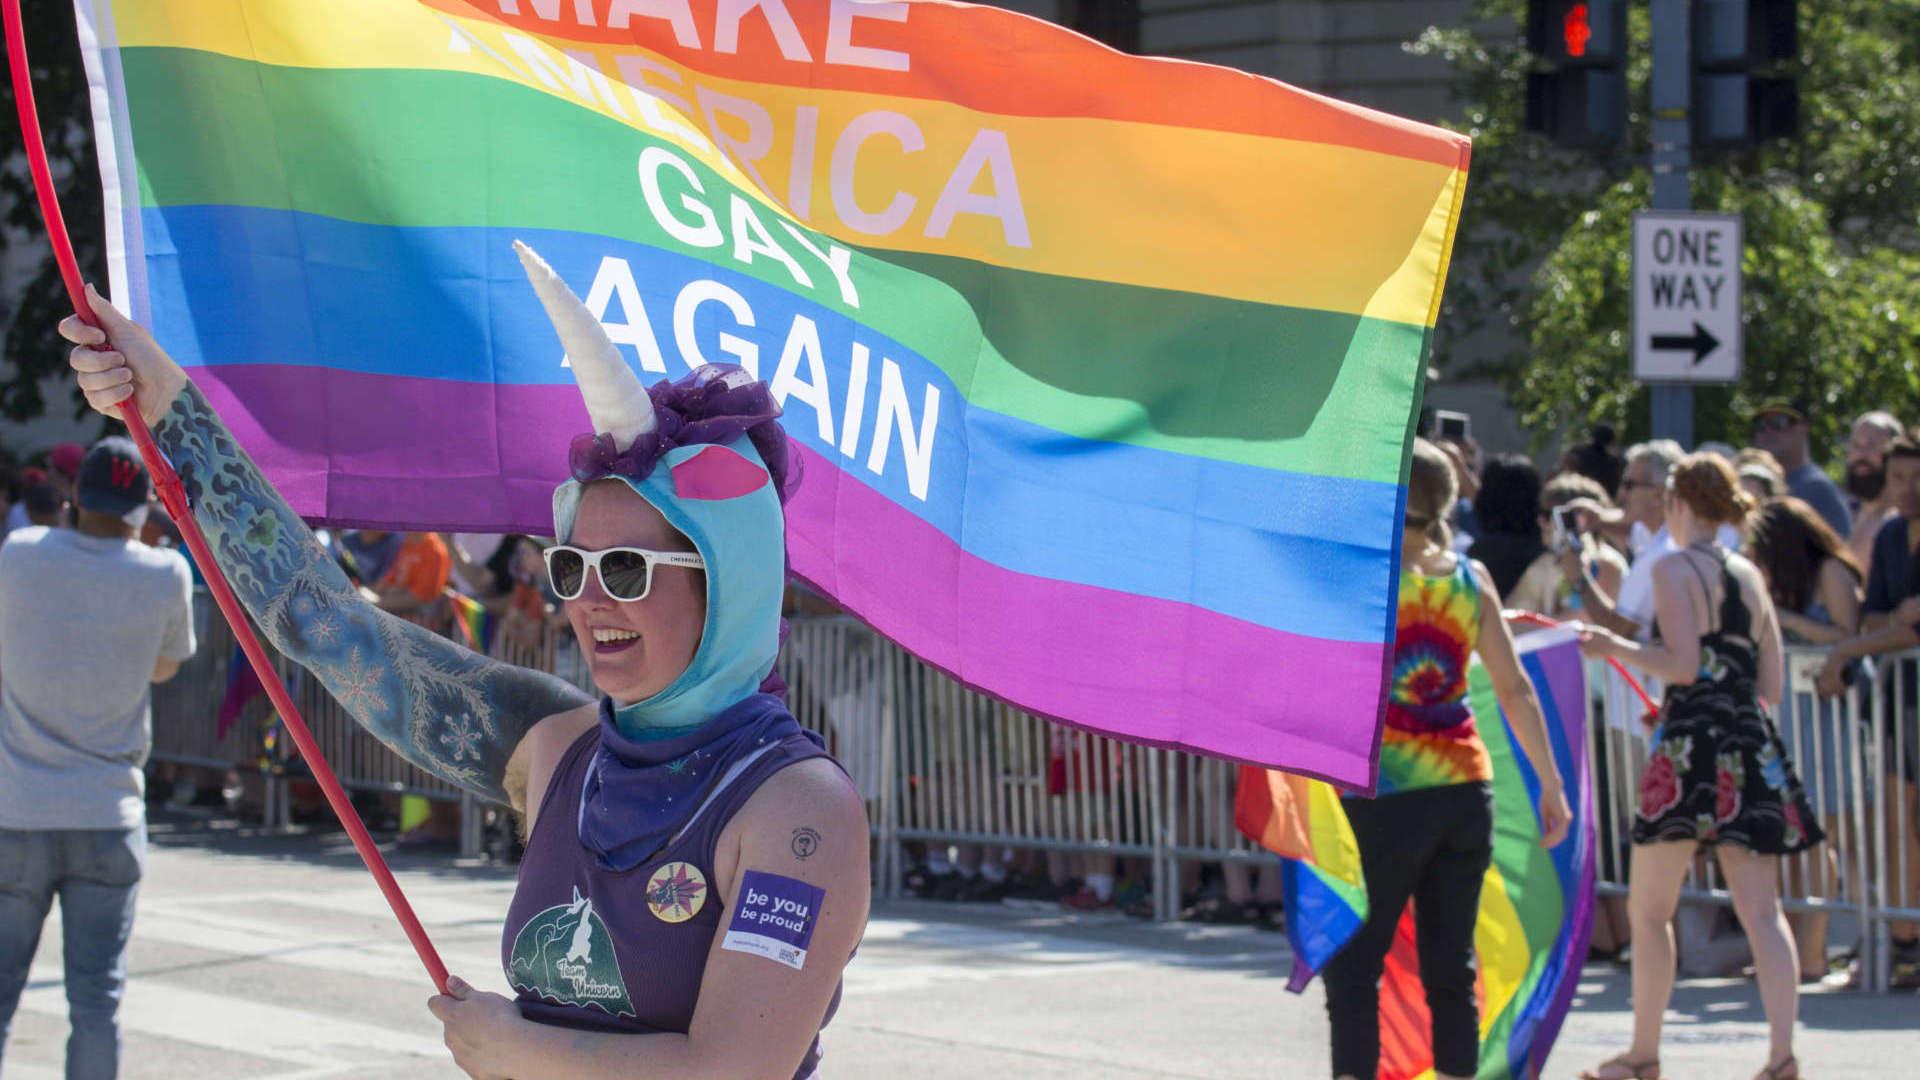 KLM dá desconto em passagem aérea para destinos gay friendly, como Washington DC, nos EUA - Foto: KLM/Divulgação